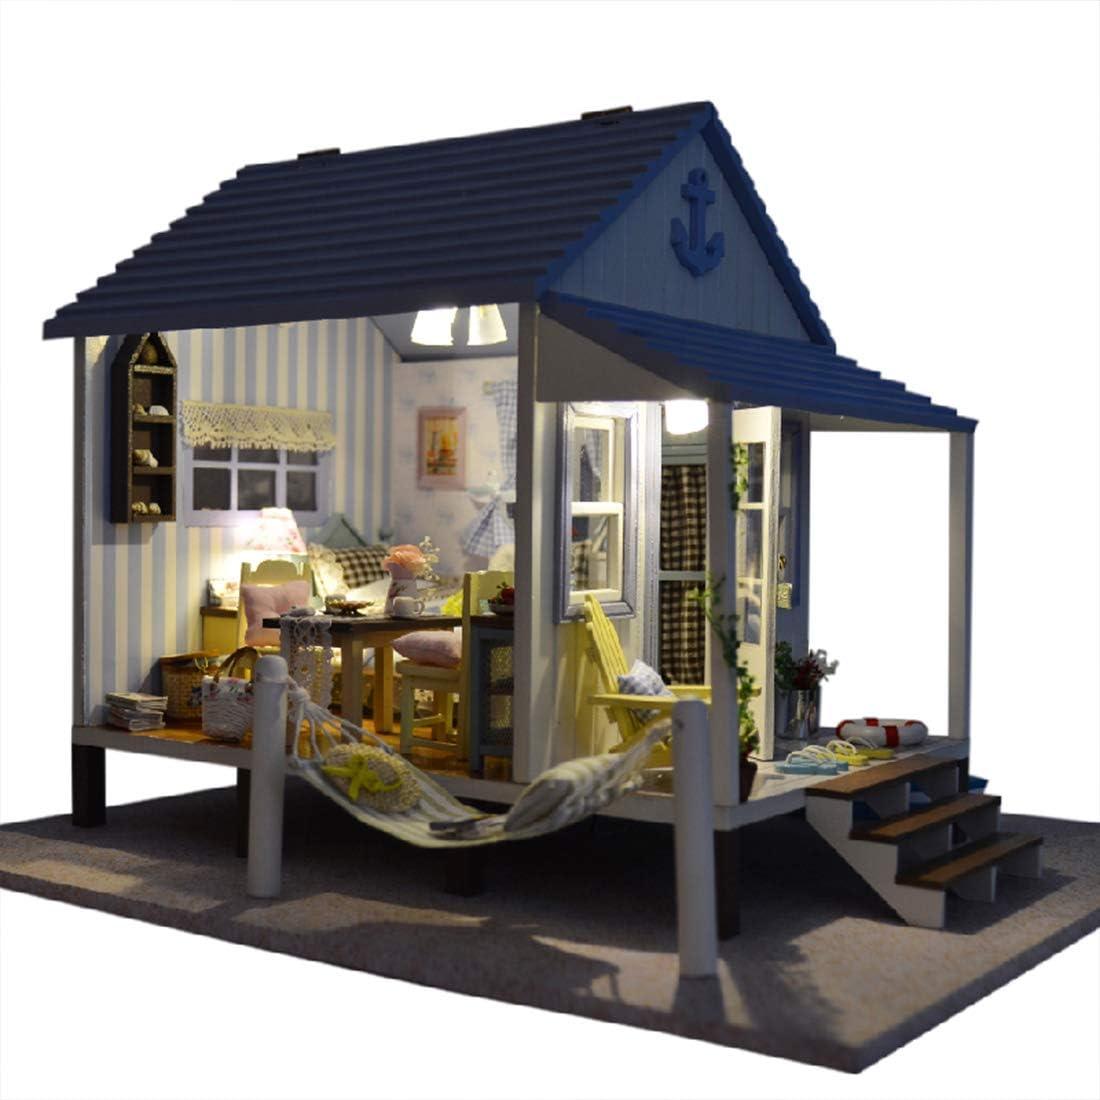 POWER DIY Doll House Blue Happy Coast Hecho A Mano Casa Cumpleaños De Los Niños: Amazon.es: Deportes y aire libre